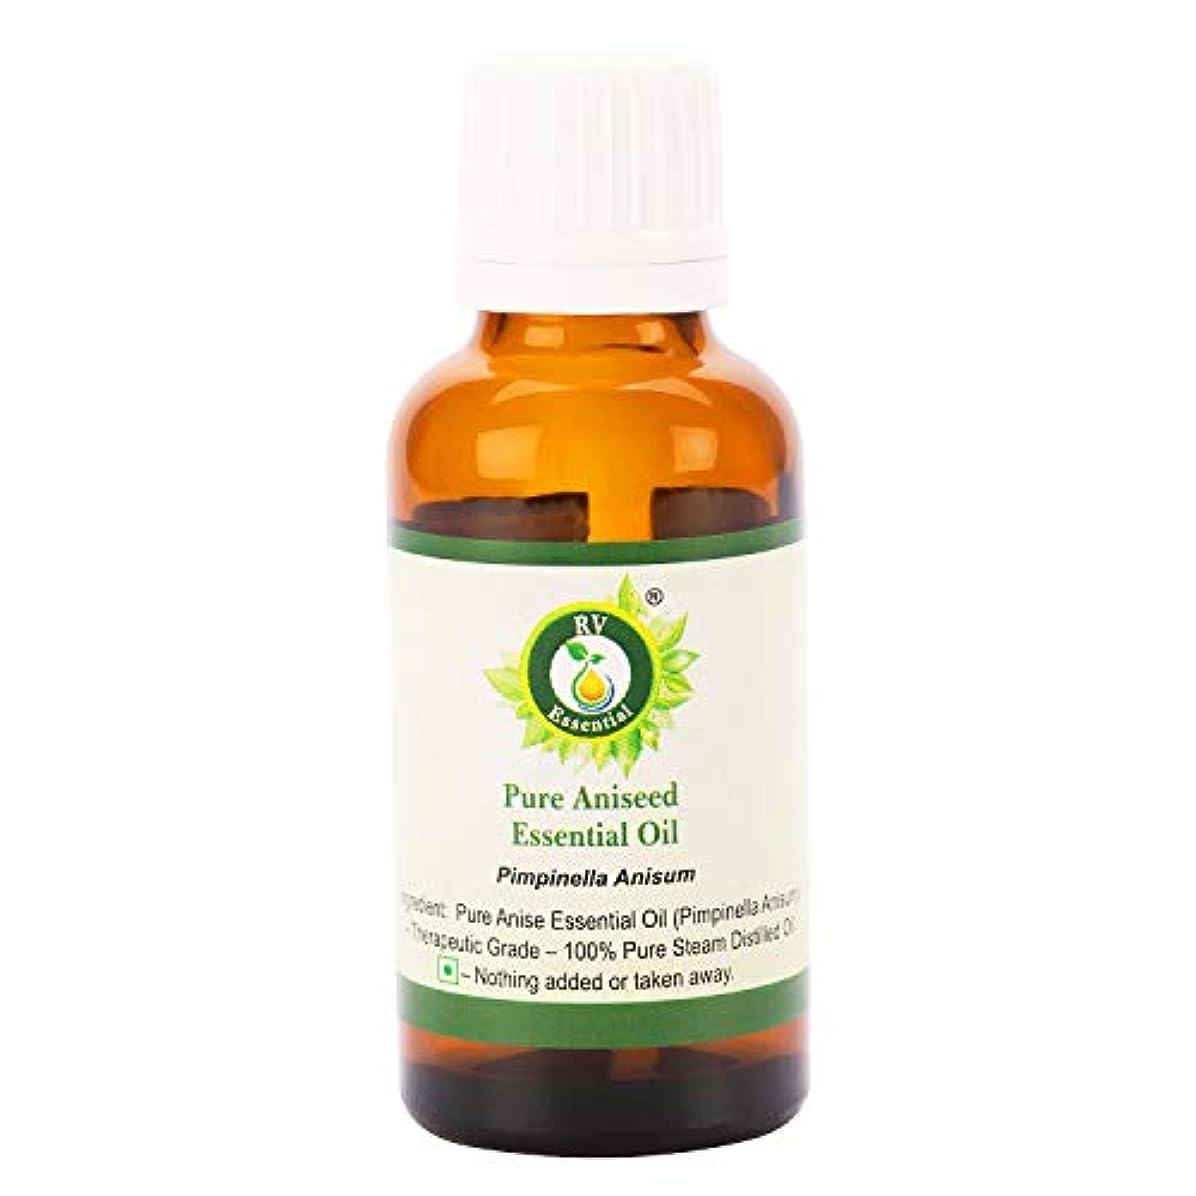 被るテクスチャーリーダーシップピュアAniseedエッセンシャルオイル630ml (21oz)- Pimpinella Anisum (100%純粋&天然スチームDistilled) Pure Aniseed Essential Oil